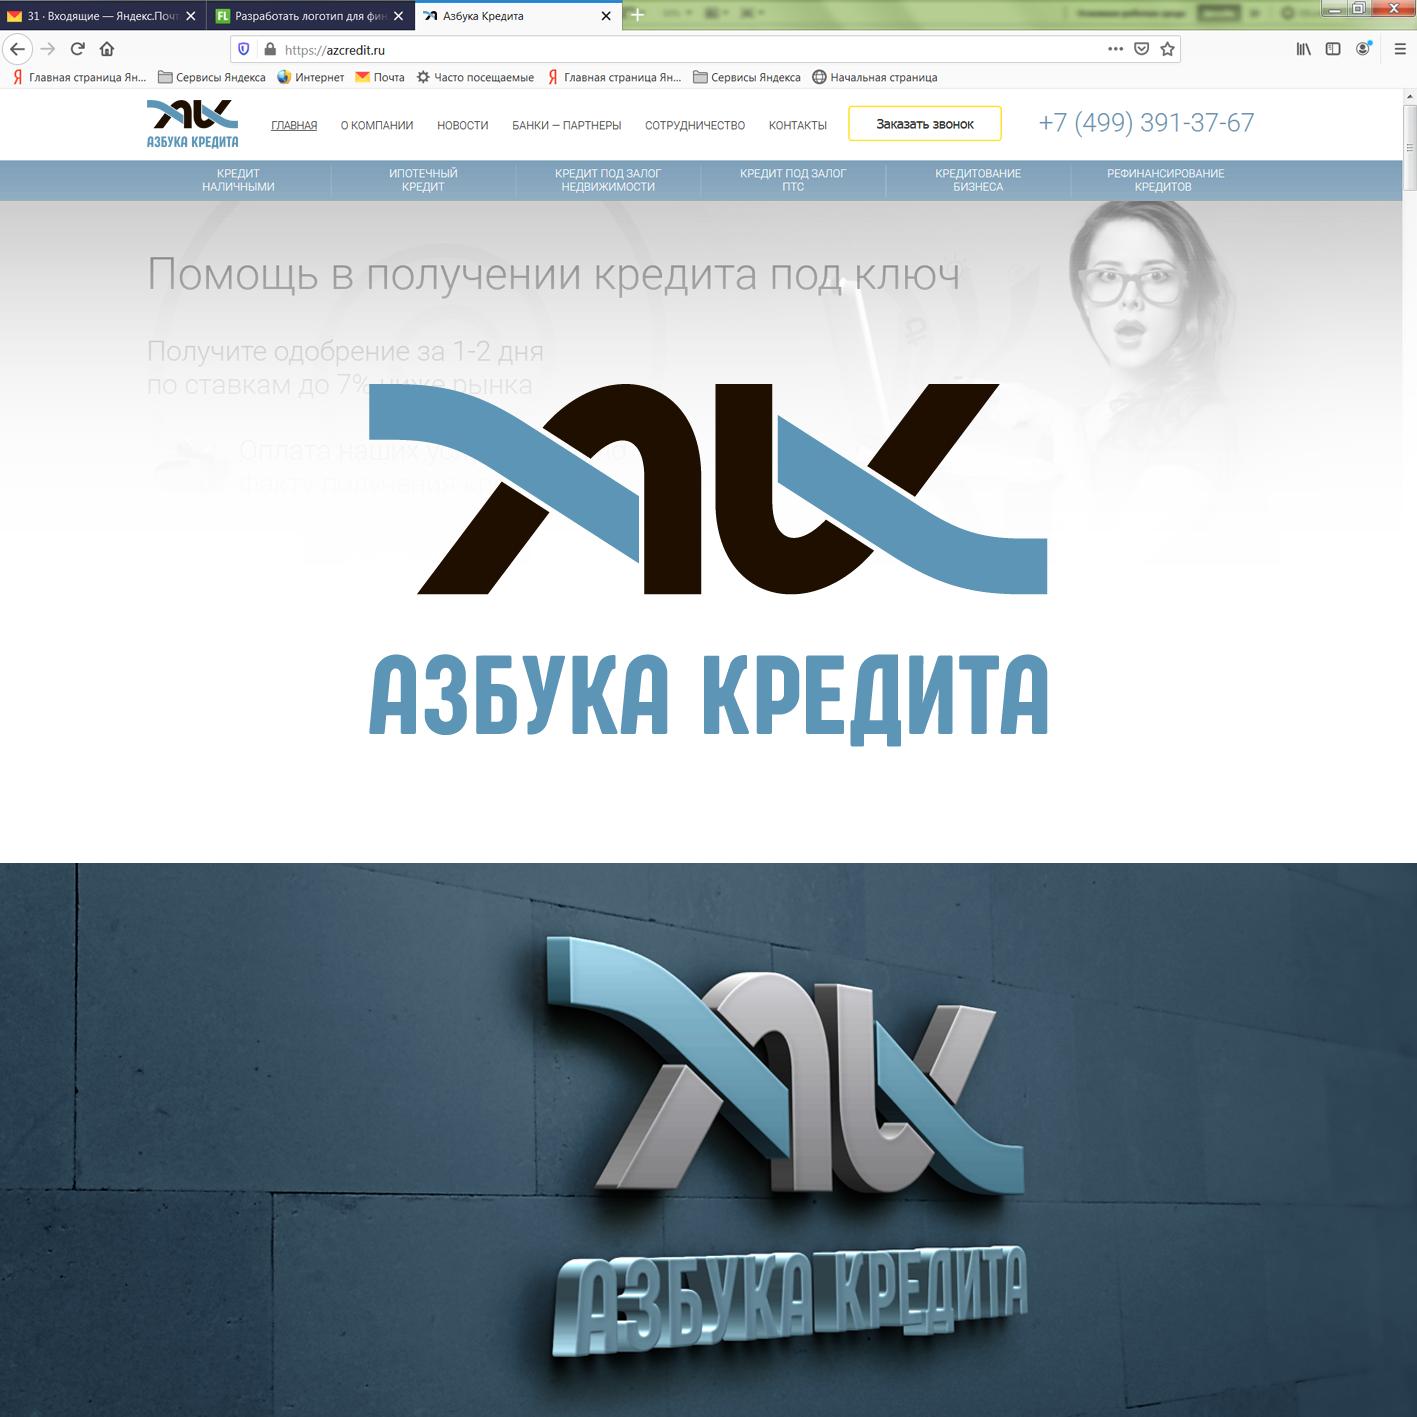 Разработать логотип для финансовой компании фото f_4035de6eb5d741e4.png